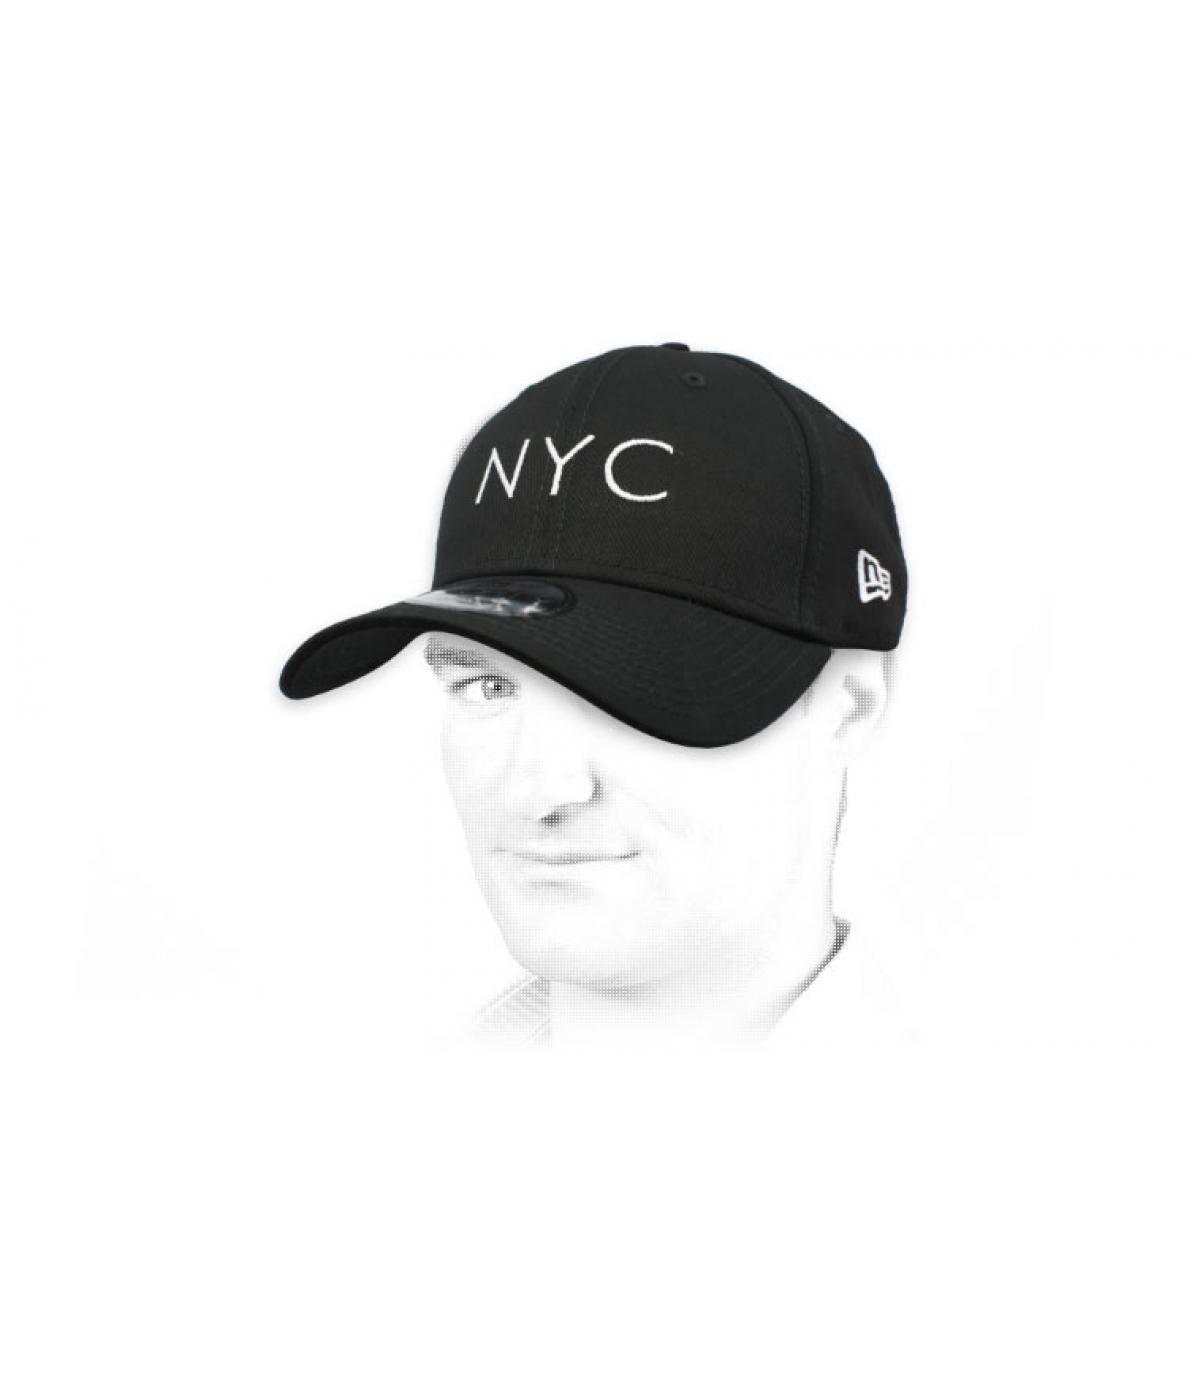 zwarte NYC cap